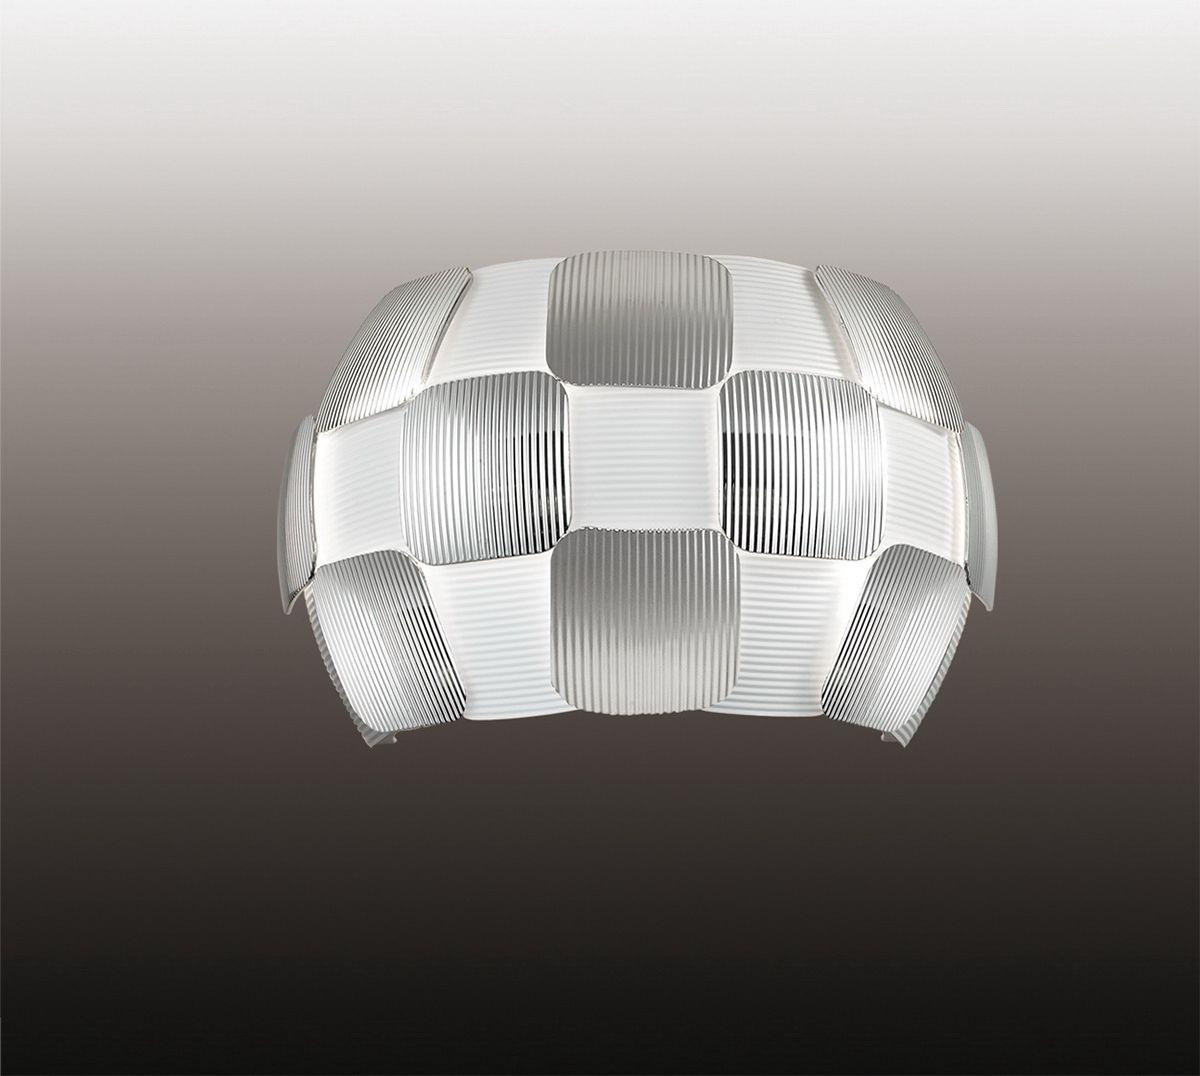 Светильник настенный Odeon Light Ralis, 1 х E14, 13W. 2860/1W2860/1W